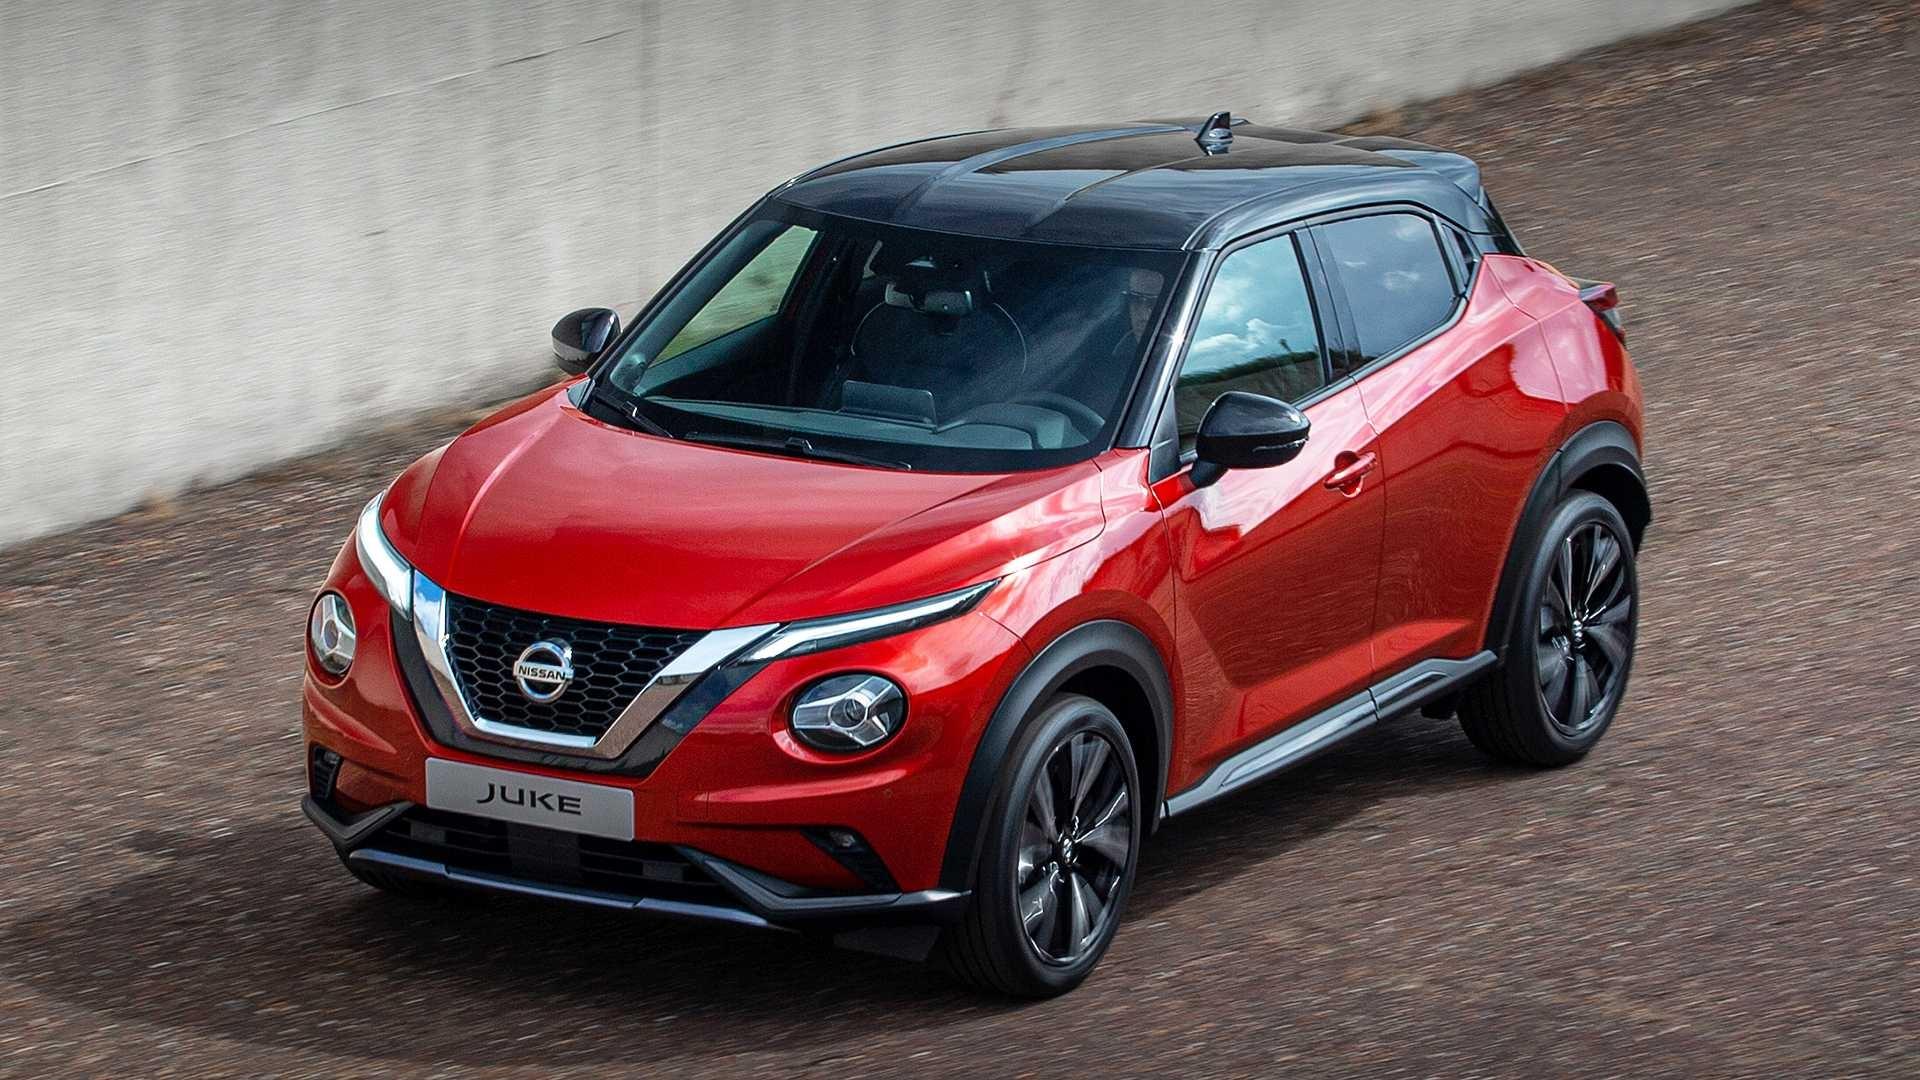 Ngam Nissan Juke 2020 bat dau ban ra voi gia 21.510 USD hinh anh 33